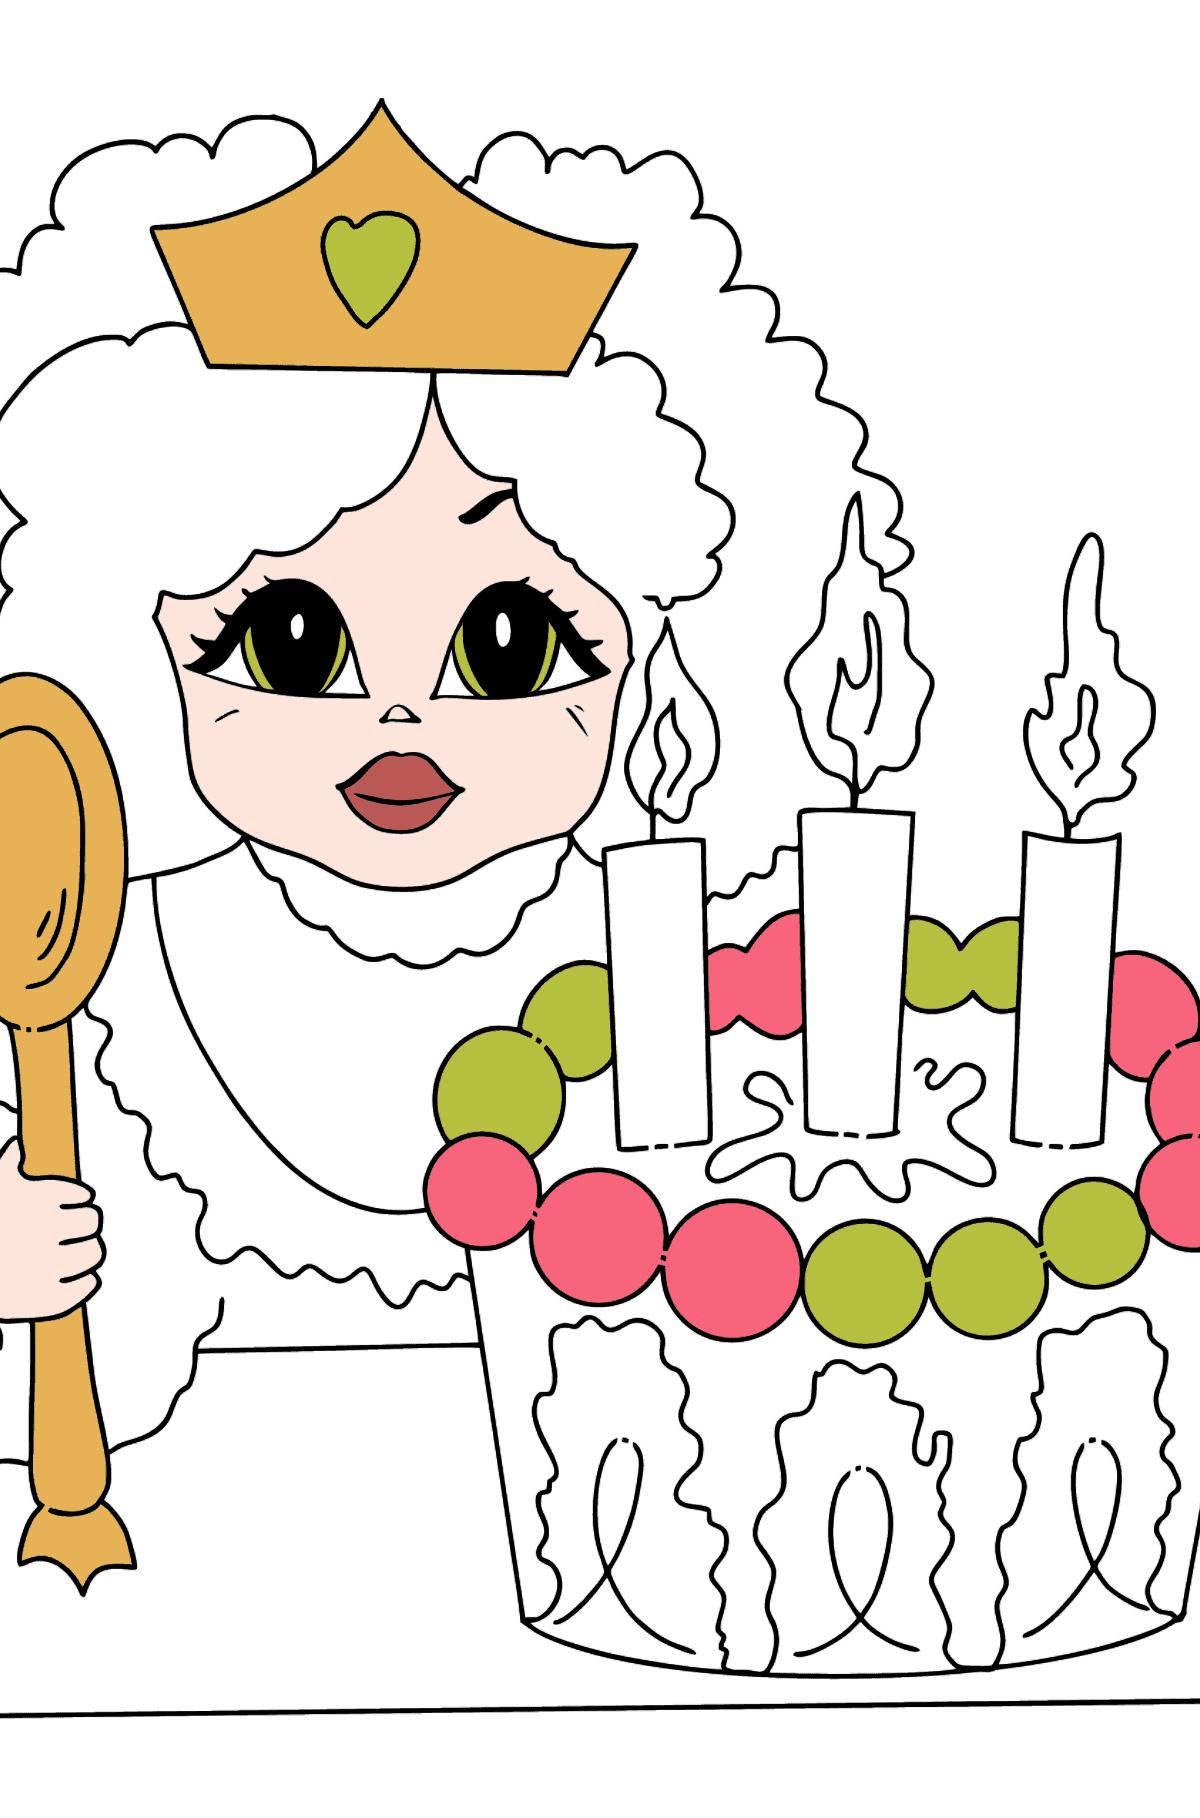 Разукрашка Принцесса с Тортом - Раскраски для Детей